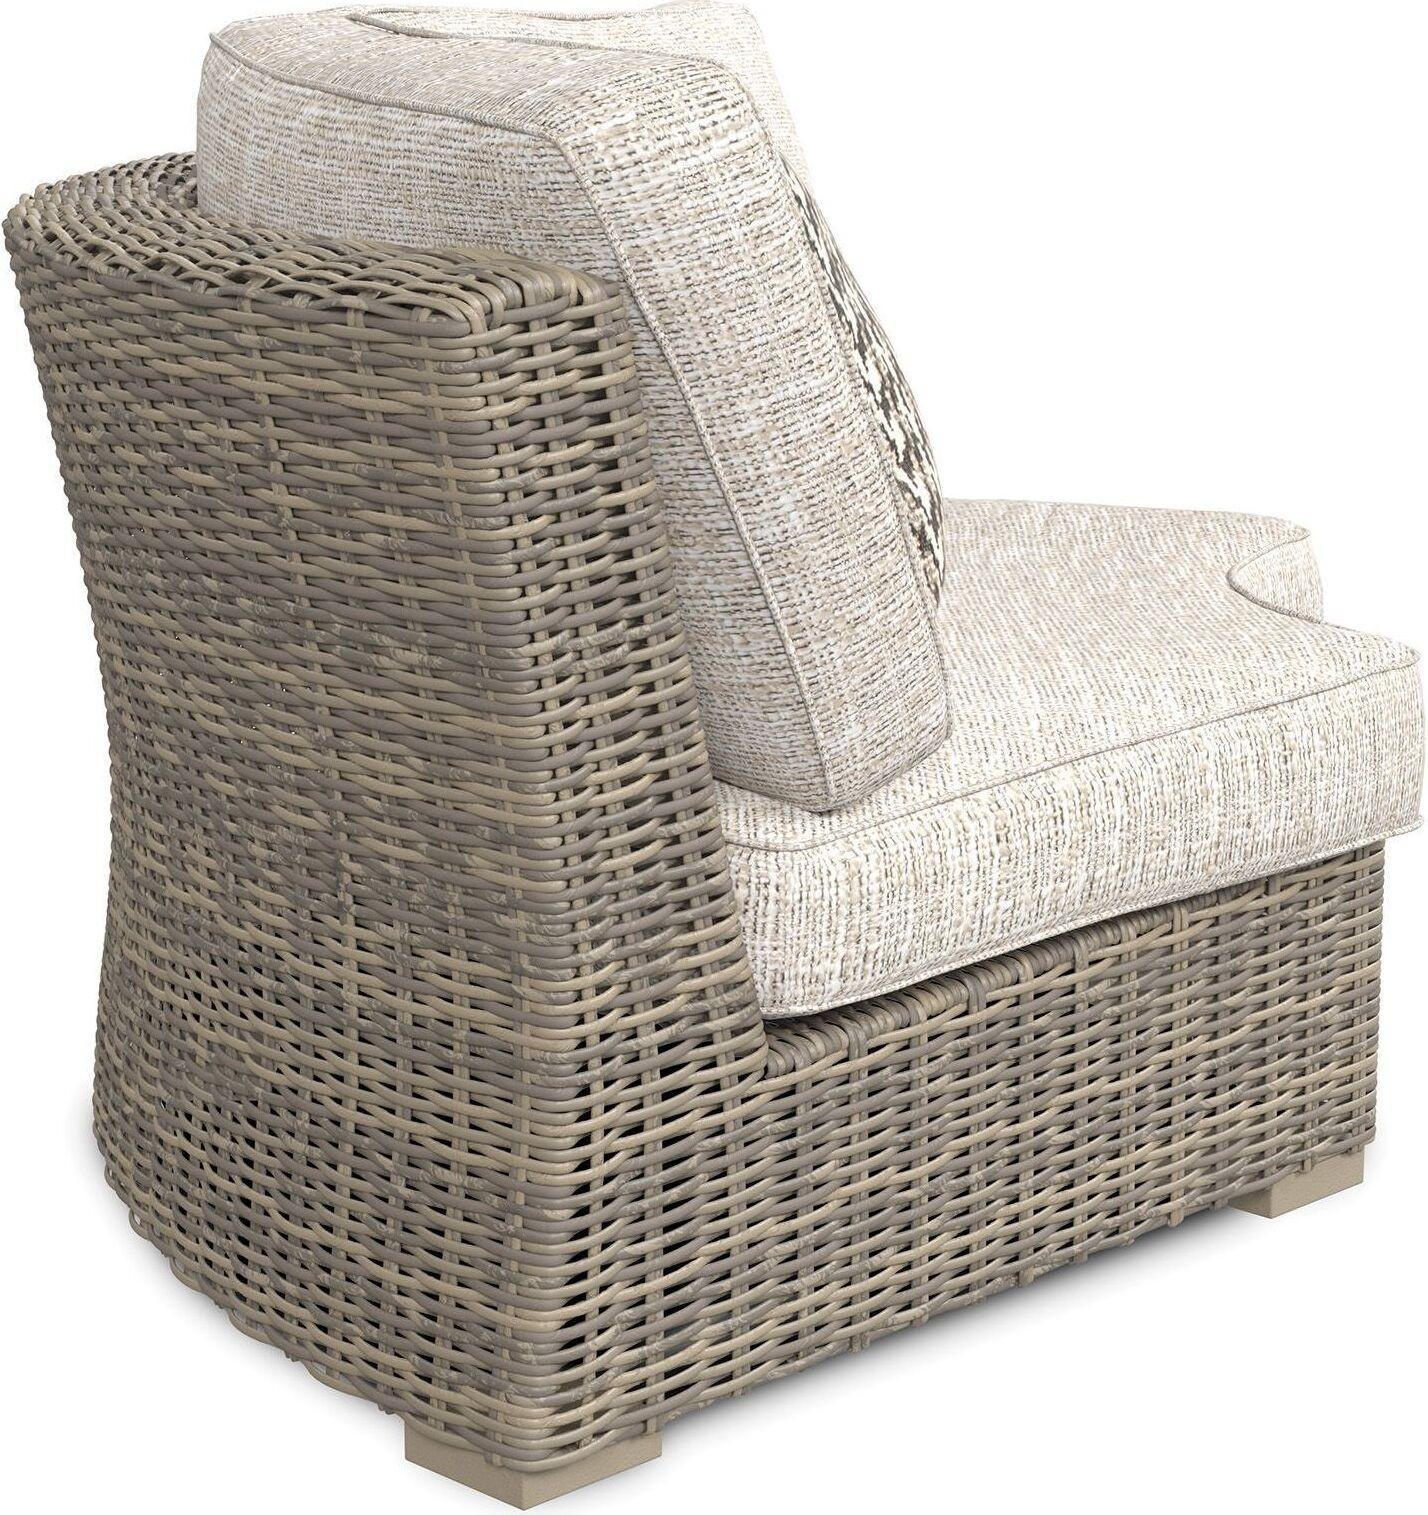 Beachcroft Beige Outdoor Sectional - 1StopBedrooms. on Beachcroft Beige Outdoor Living Room Set  id=30525